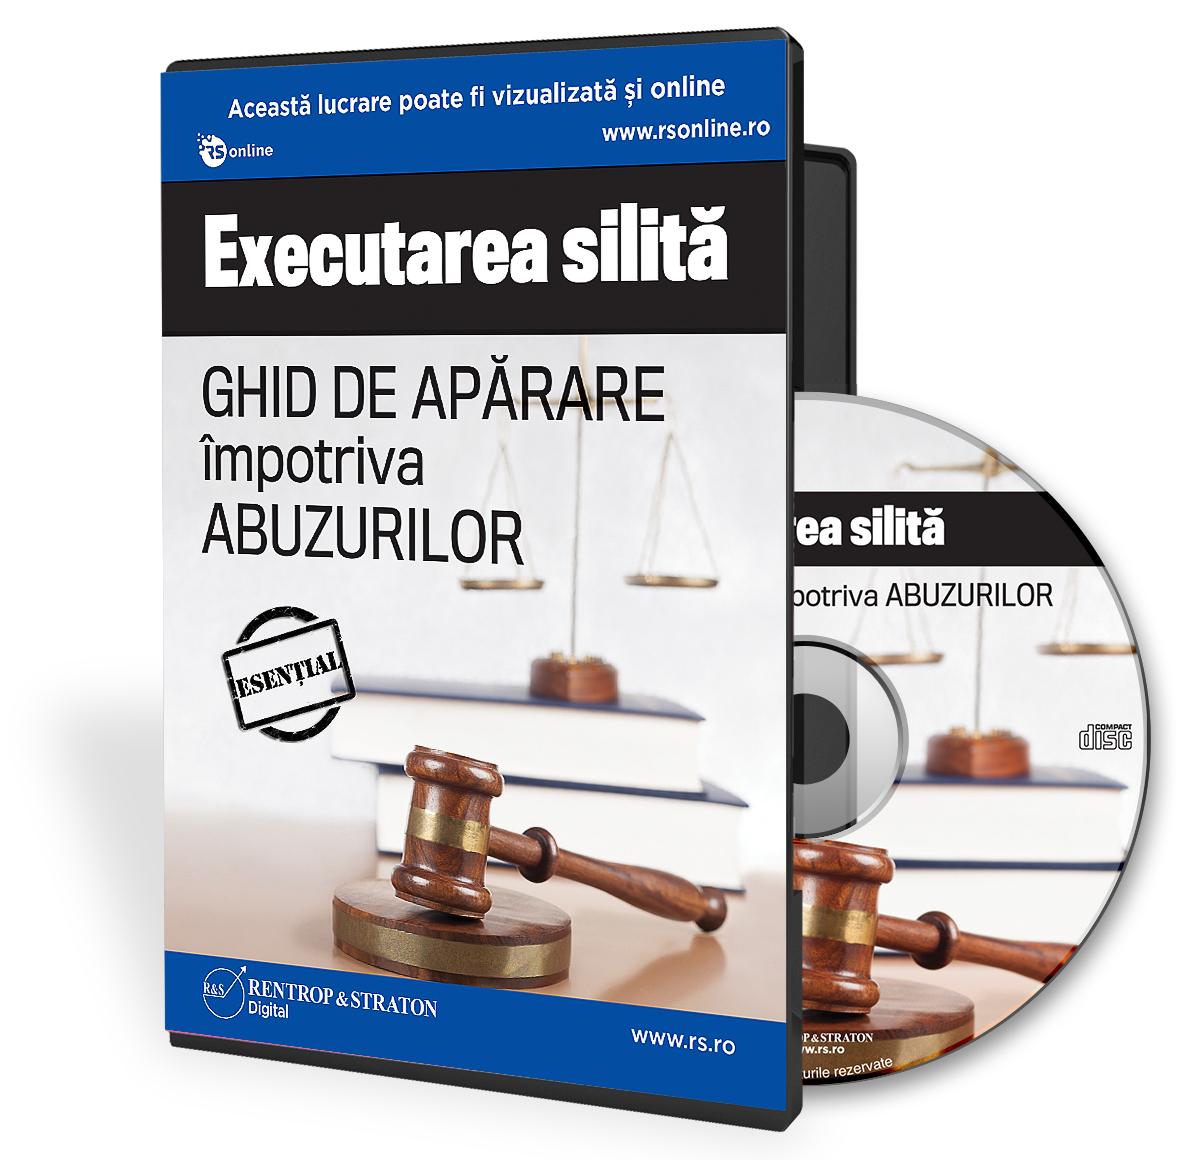 Executarea silita- Ghid de aparare impotriva abuzurilor